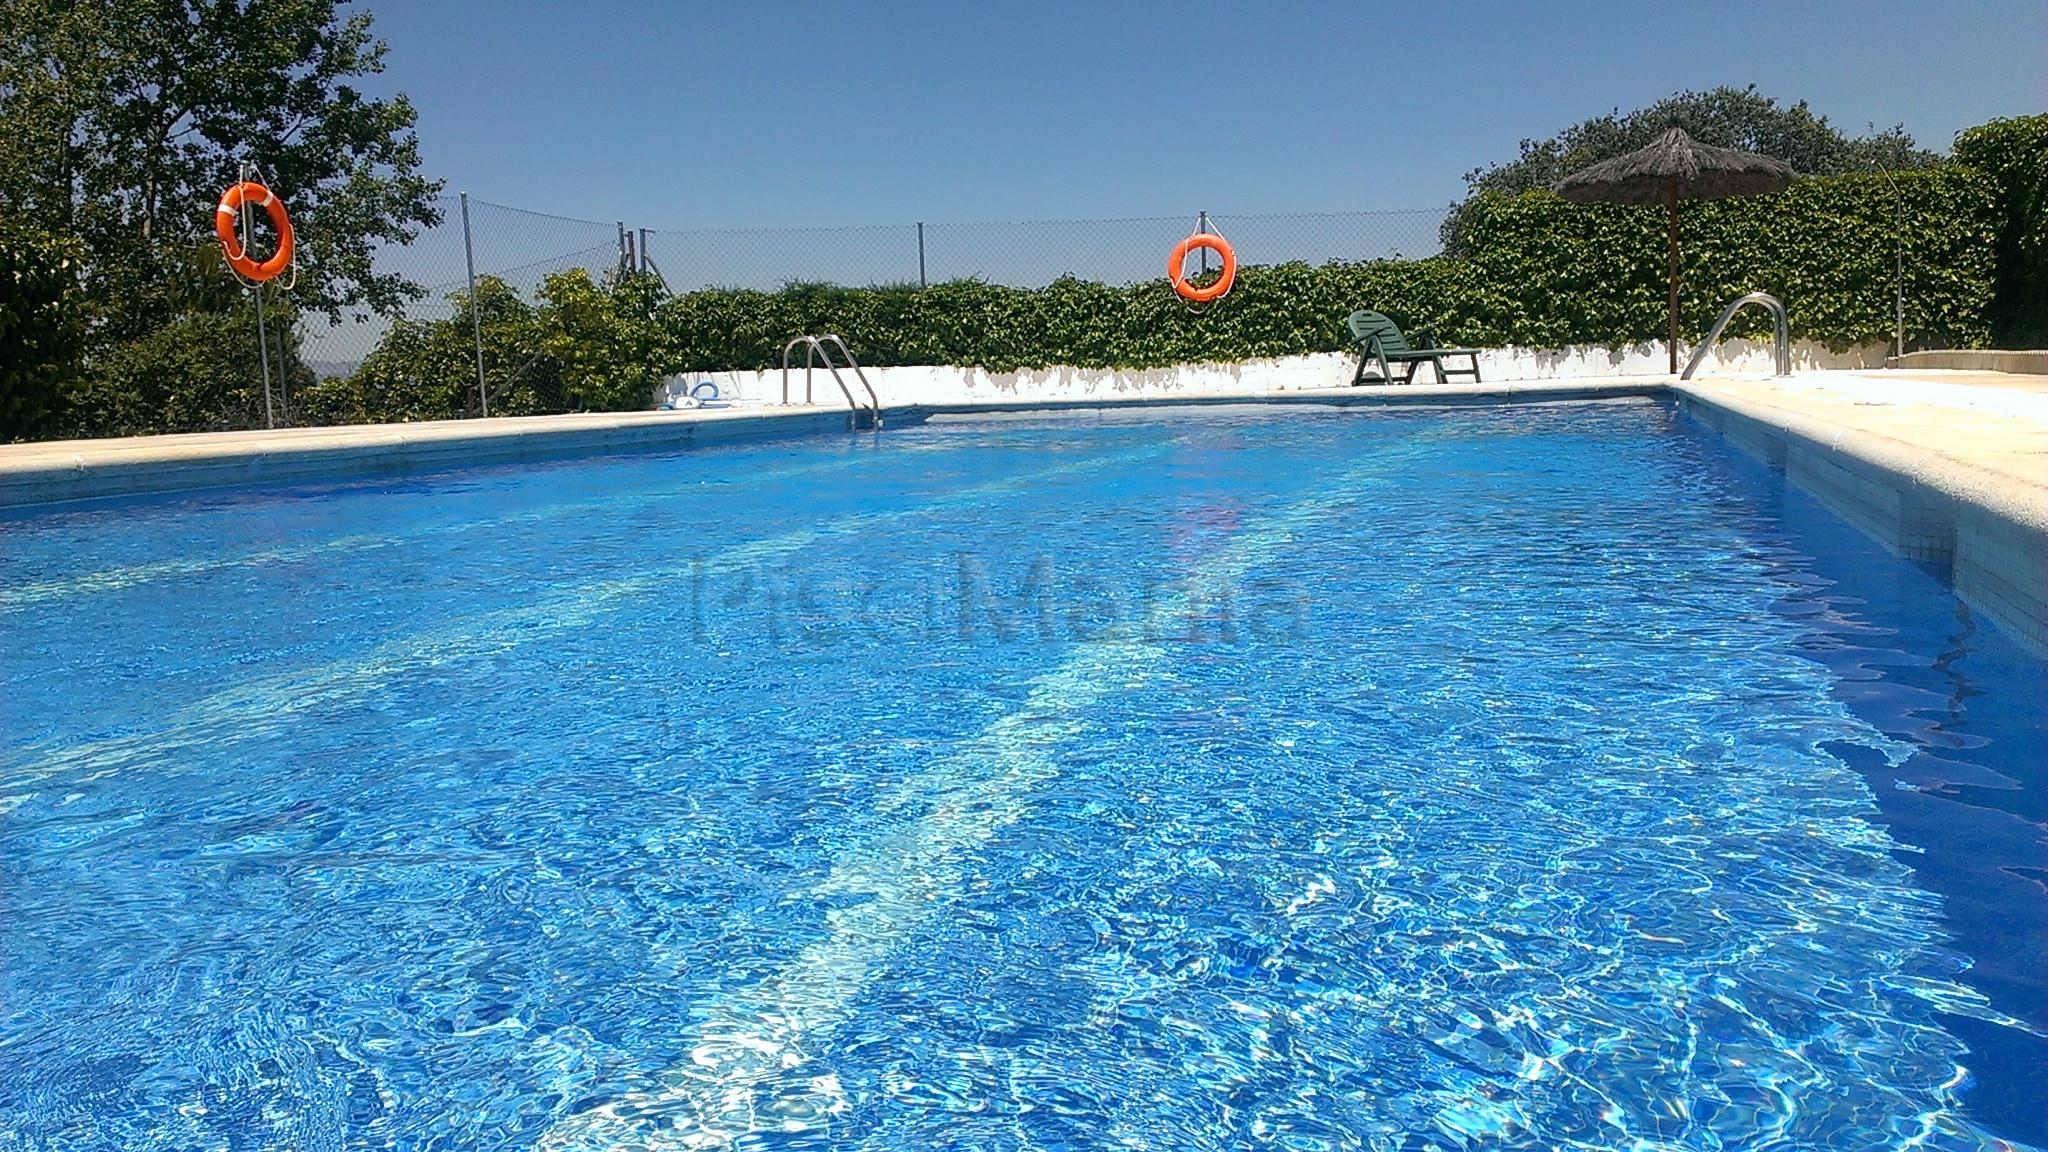 Vaciado de piscina pisciman a for Recambios piscinas desmontables